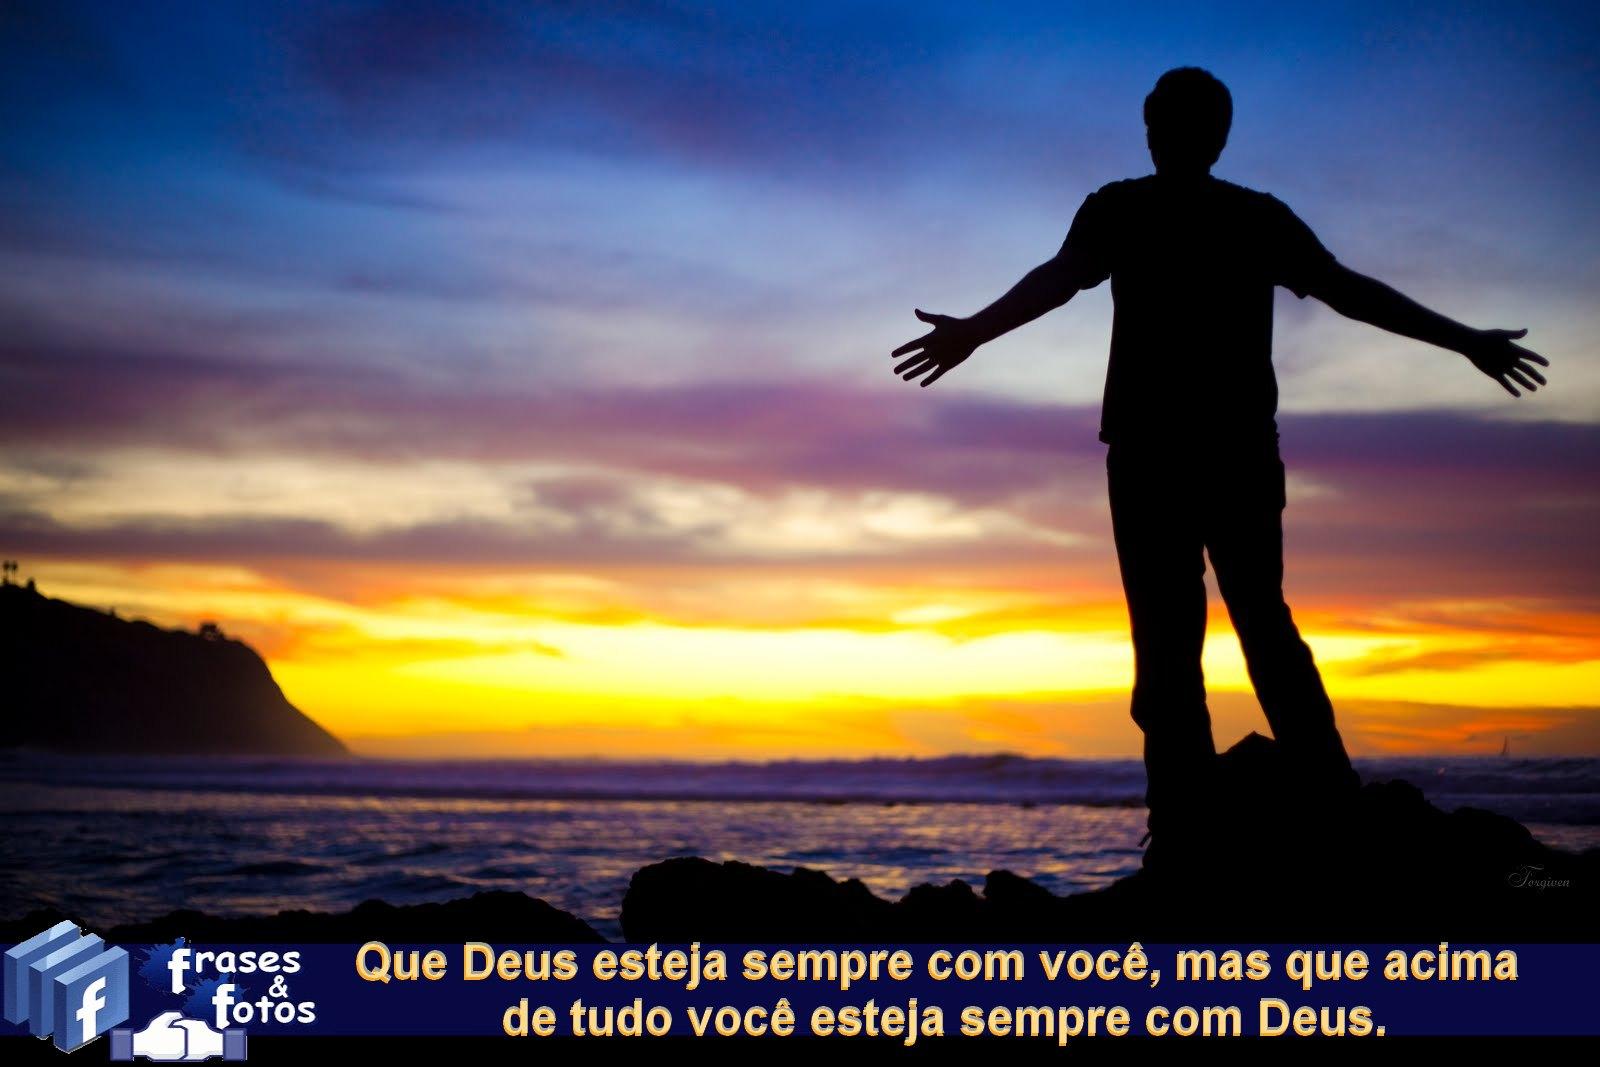 Frases Bonitas De Deus Para Facebook Com Imagens